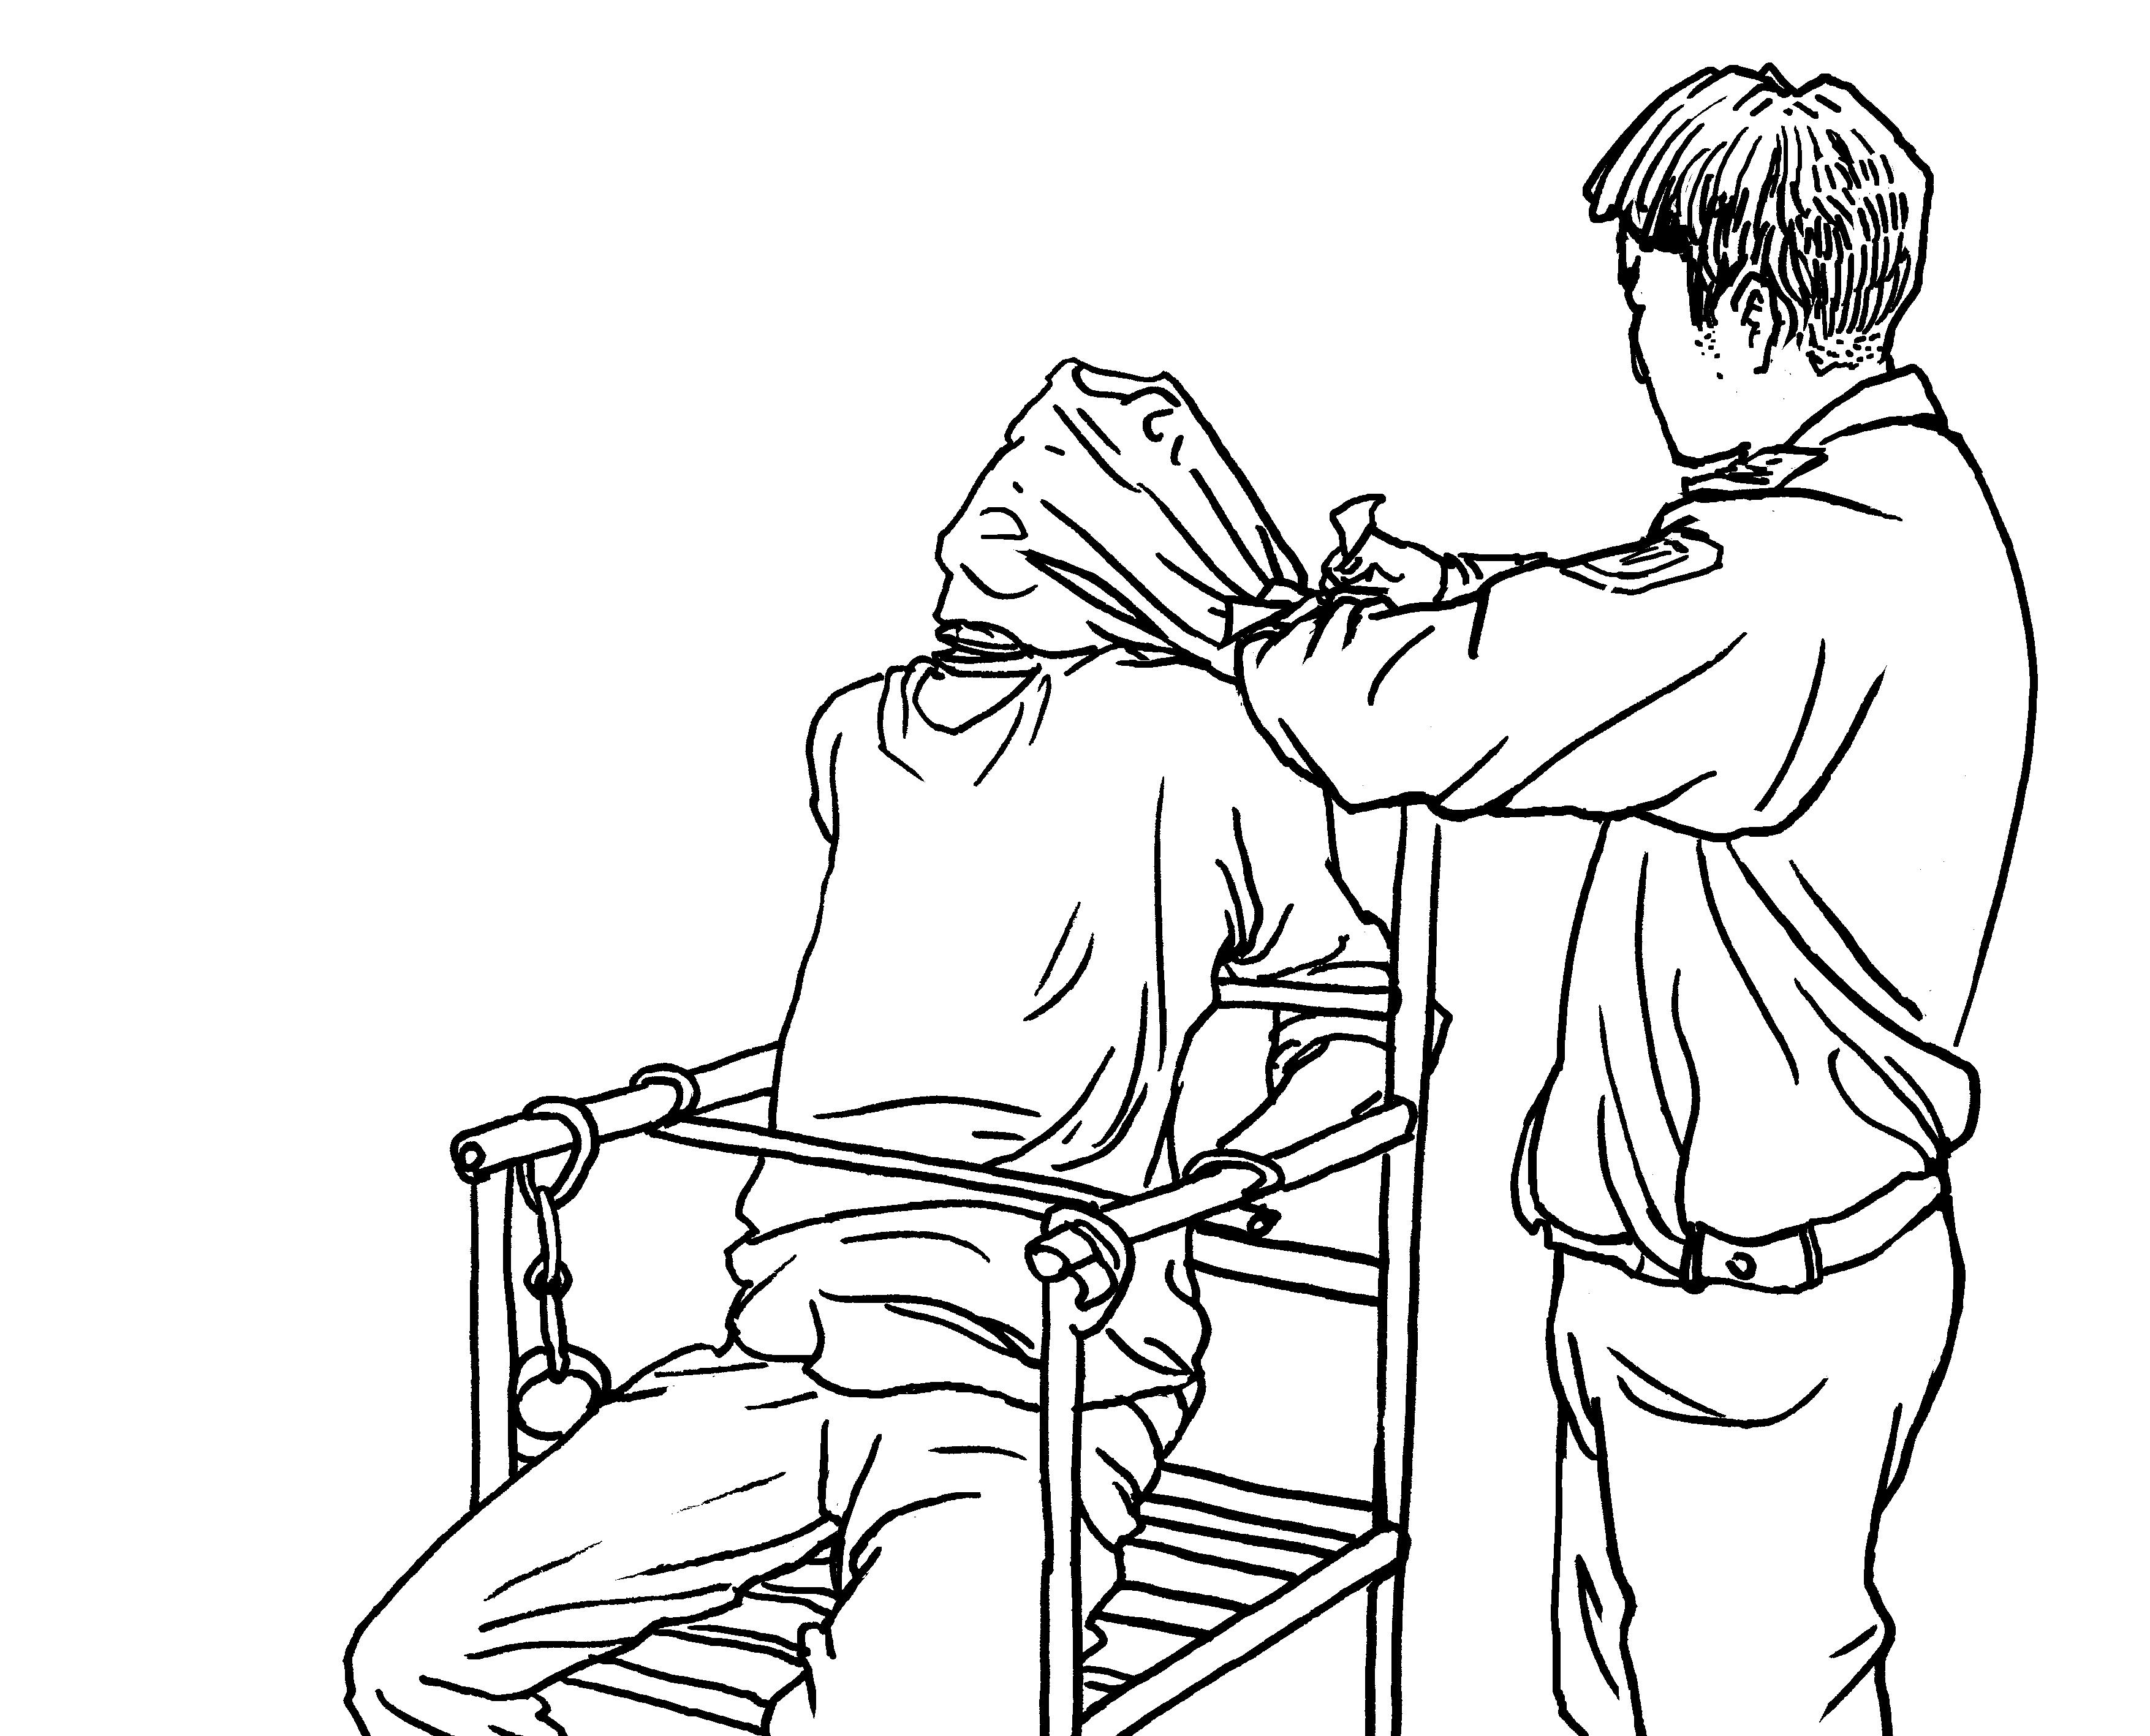 Издевательства пытки смотреть 4 фотография